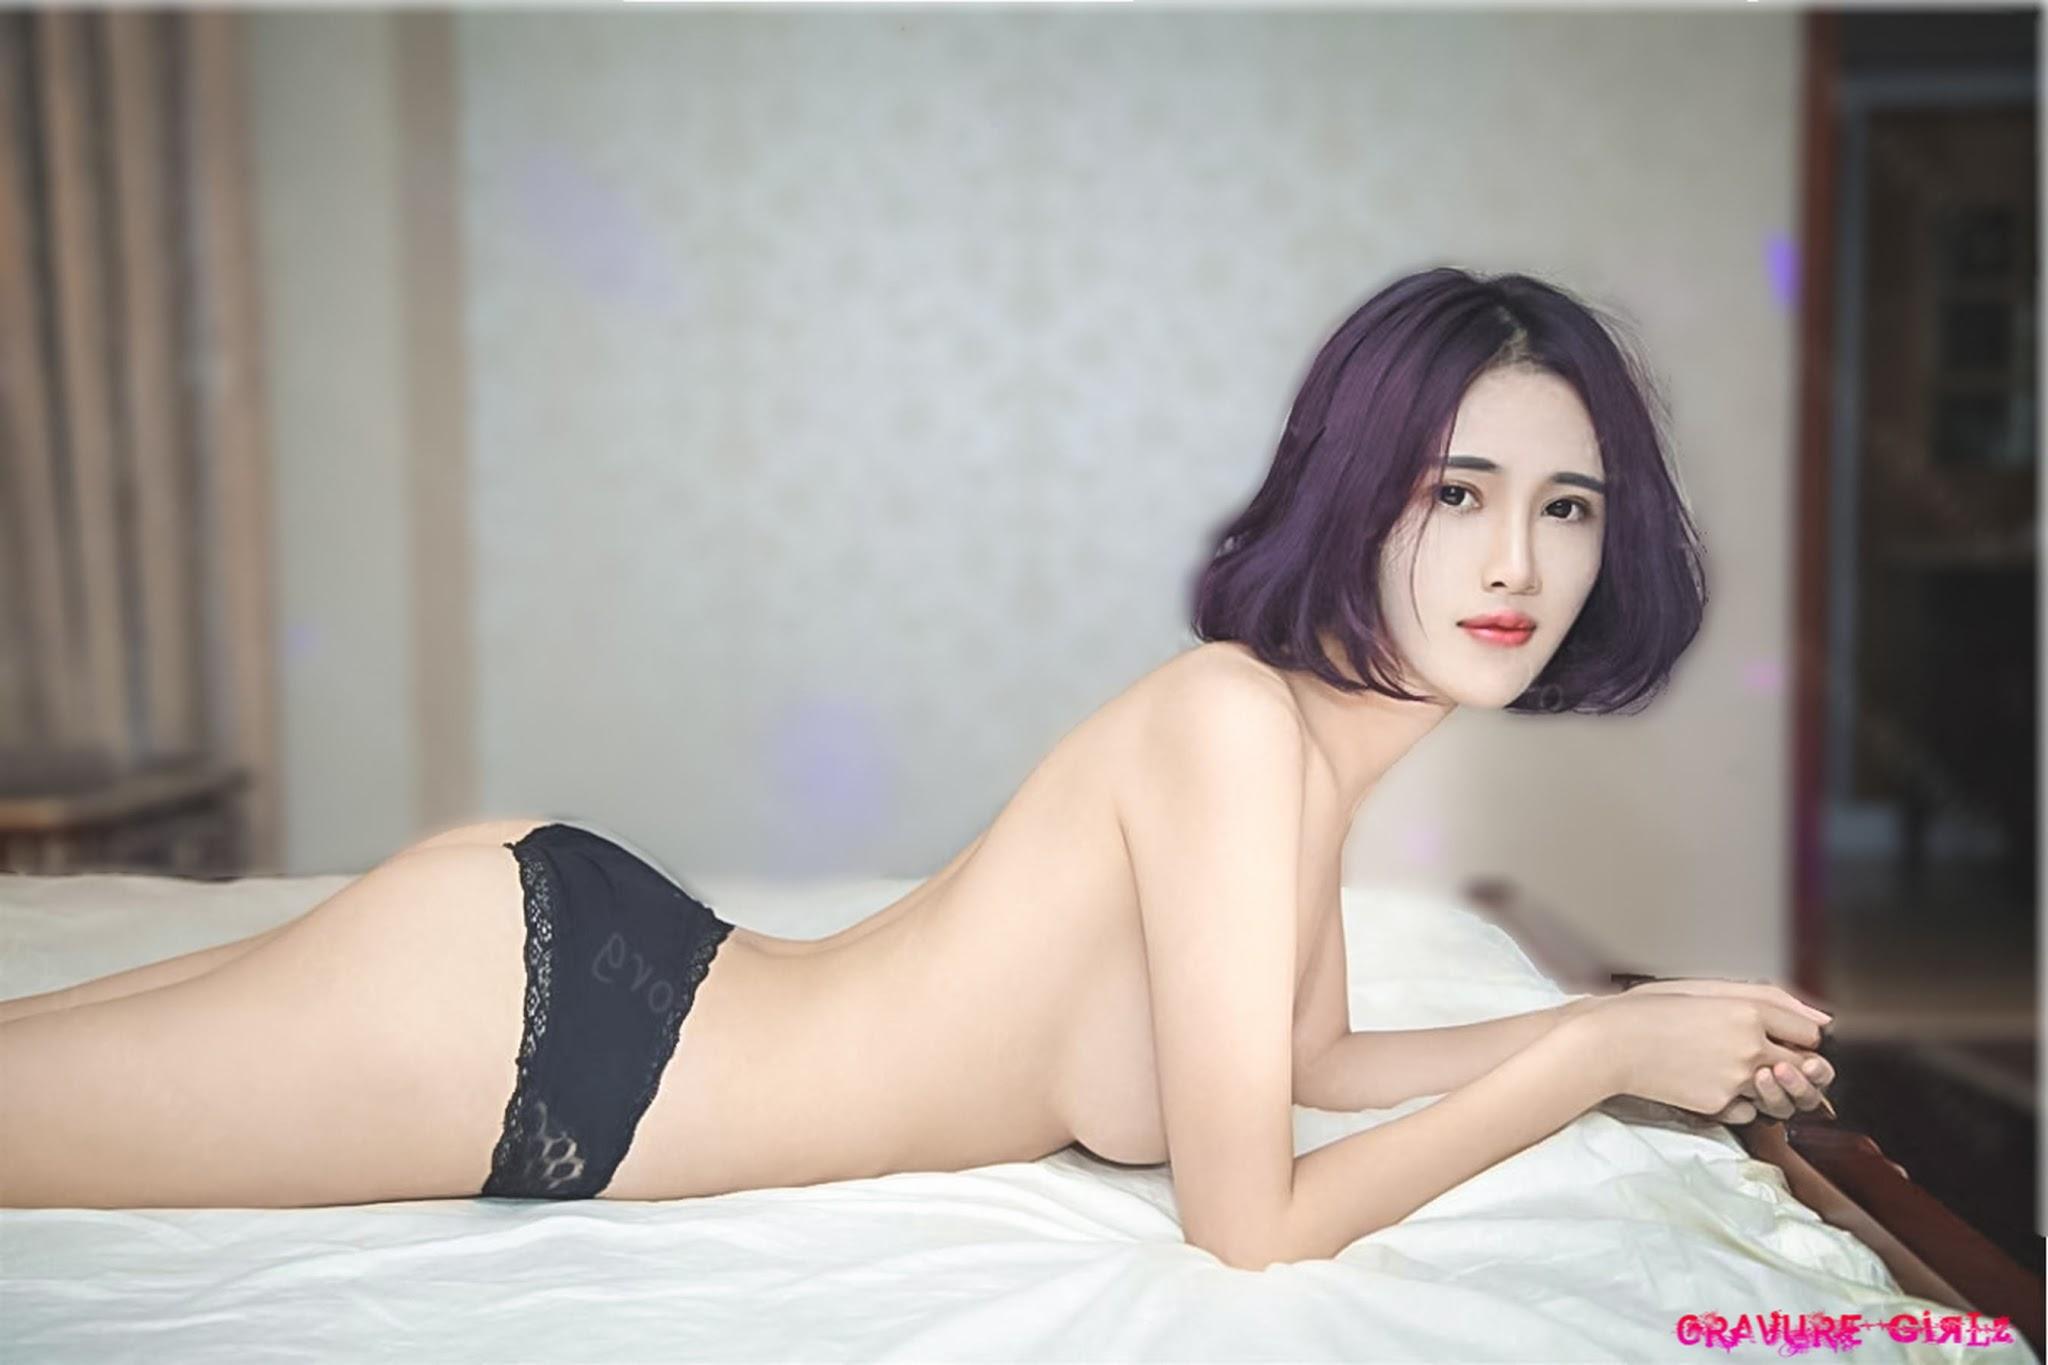 kim domingo topless picture